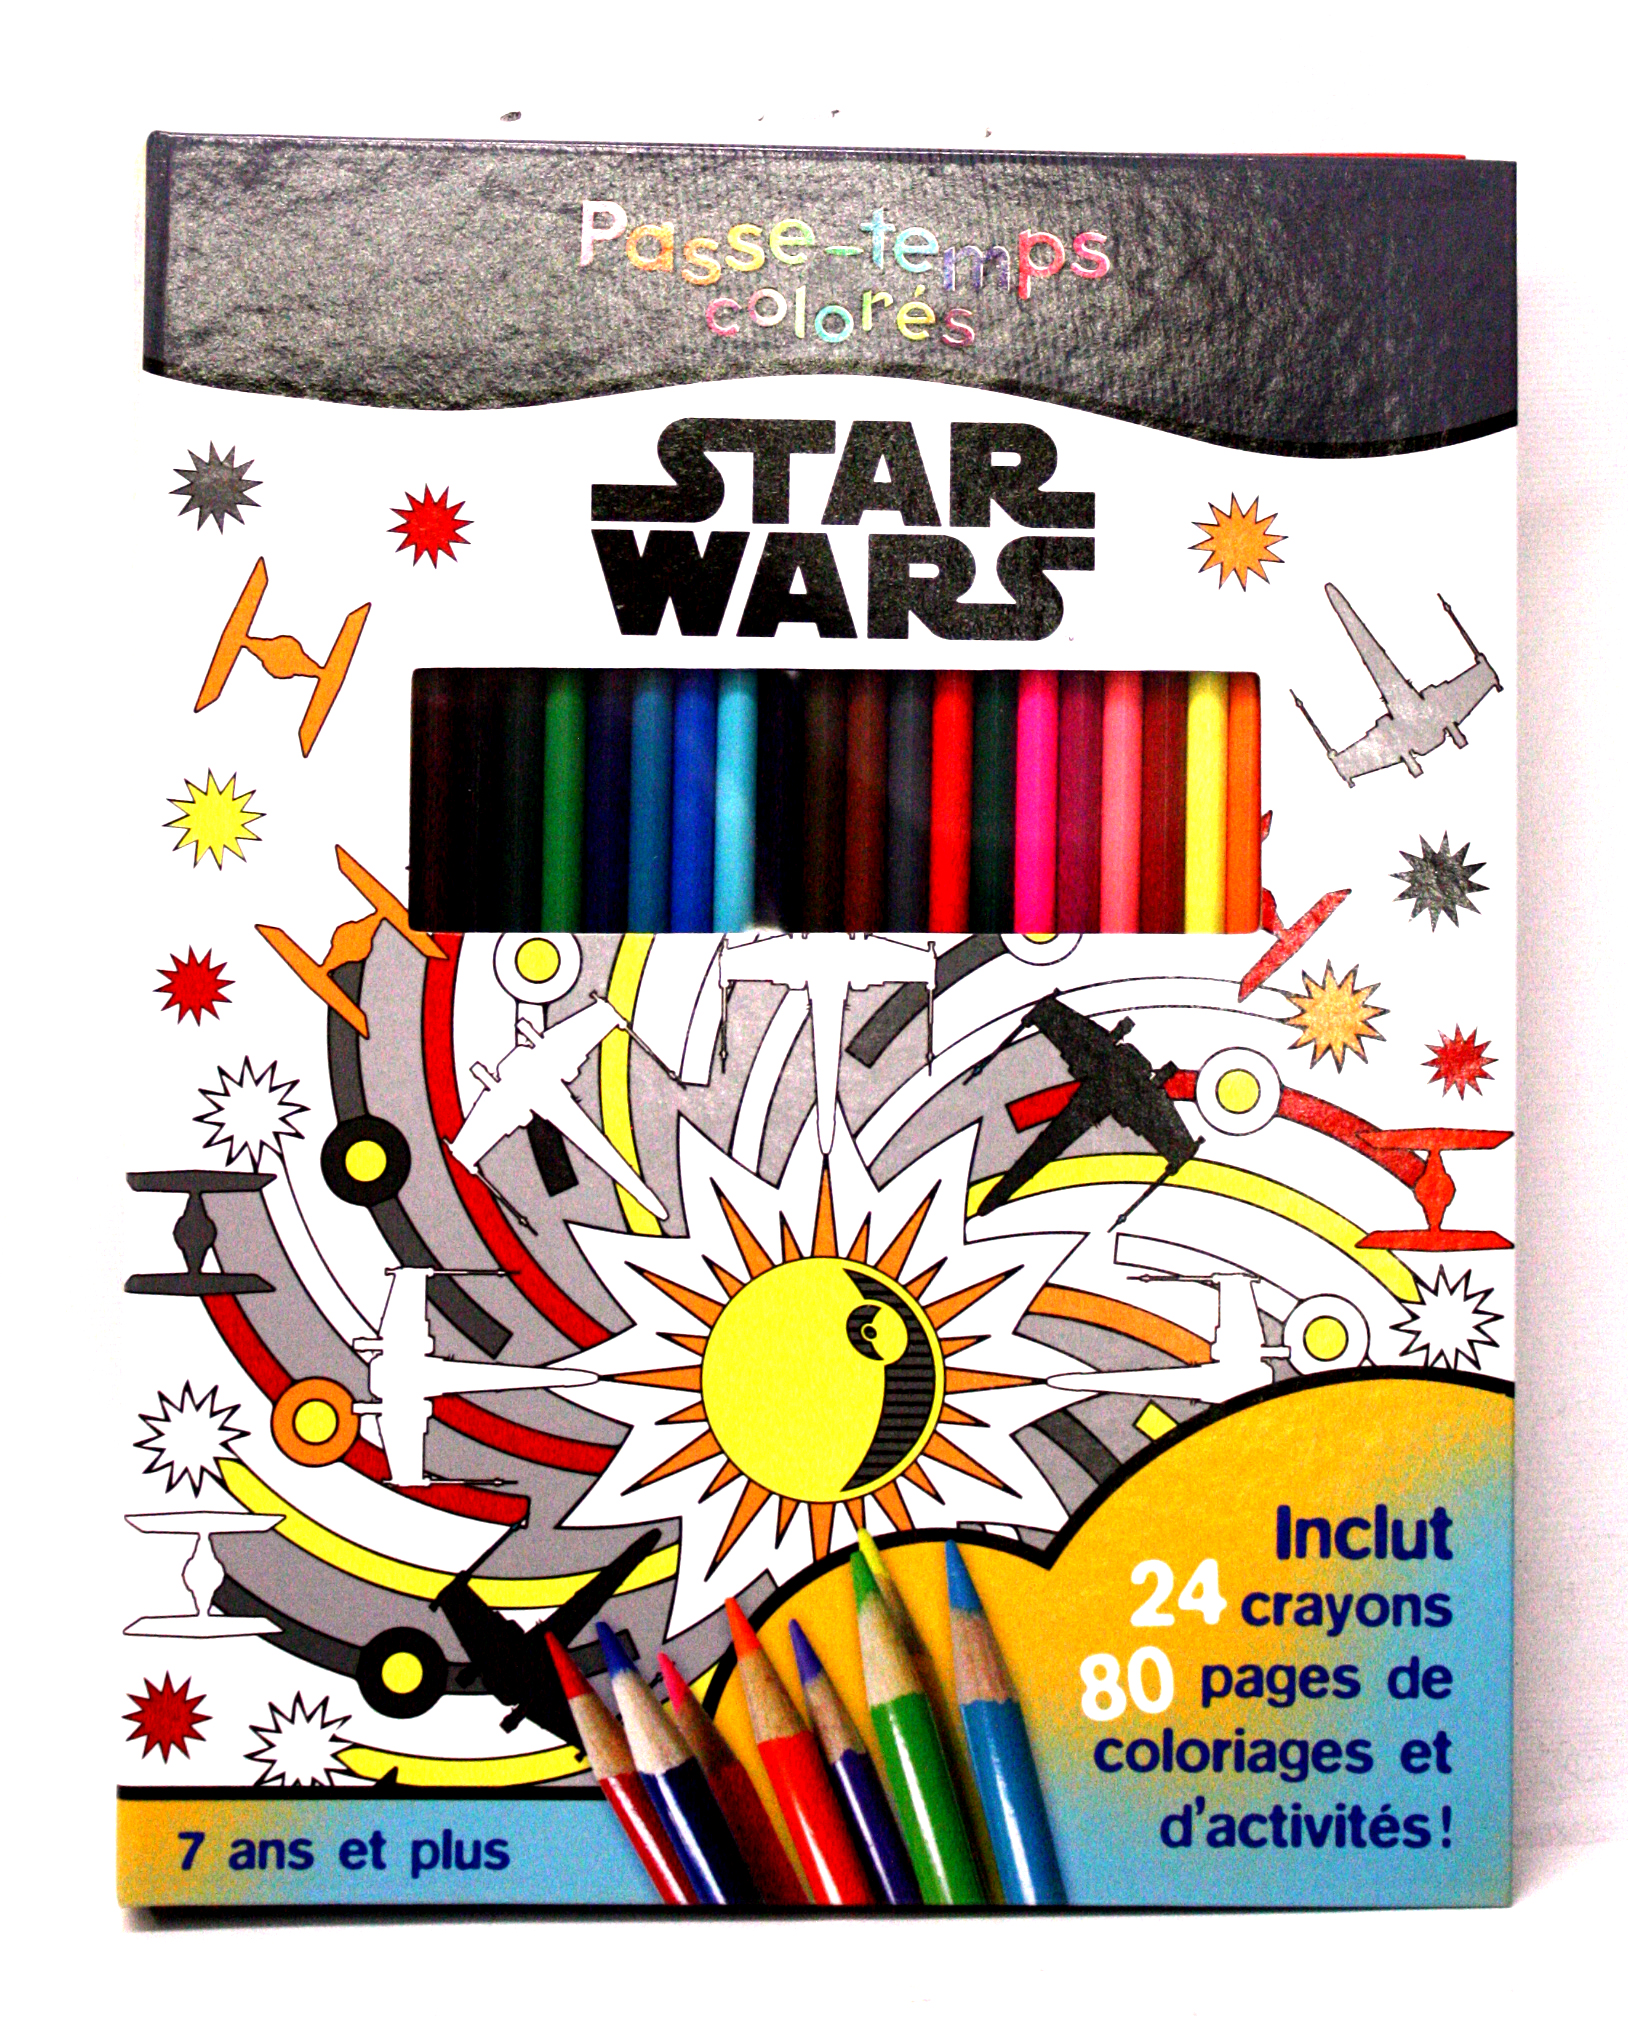 Star Wars Passe Temps Colores Livre De Coloriage